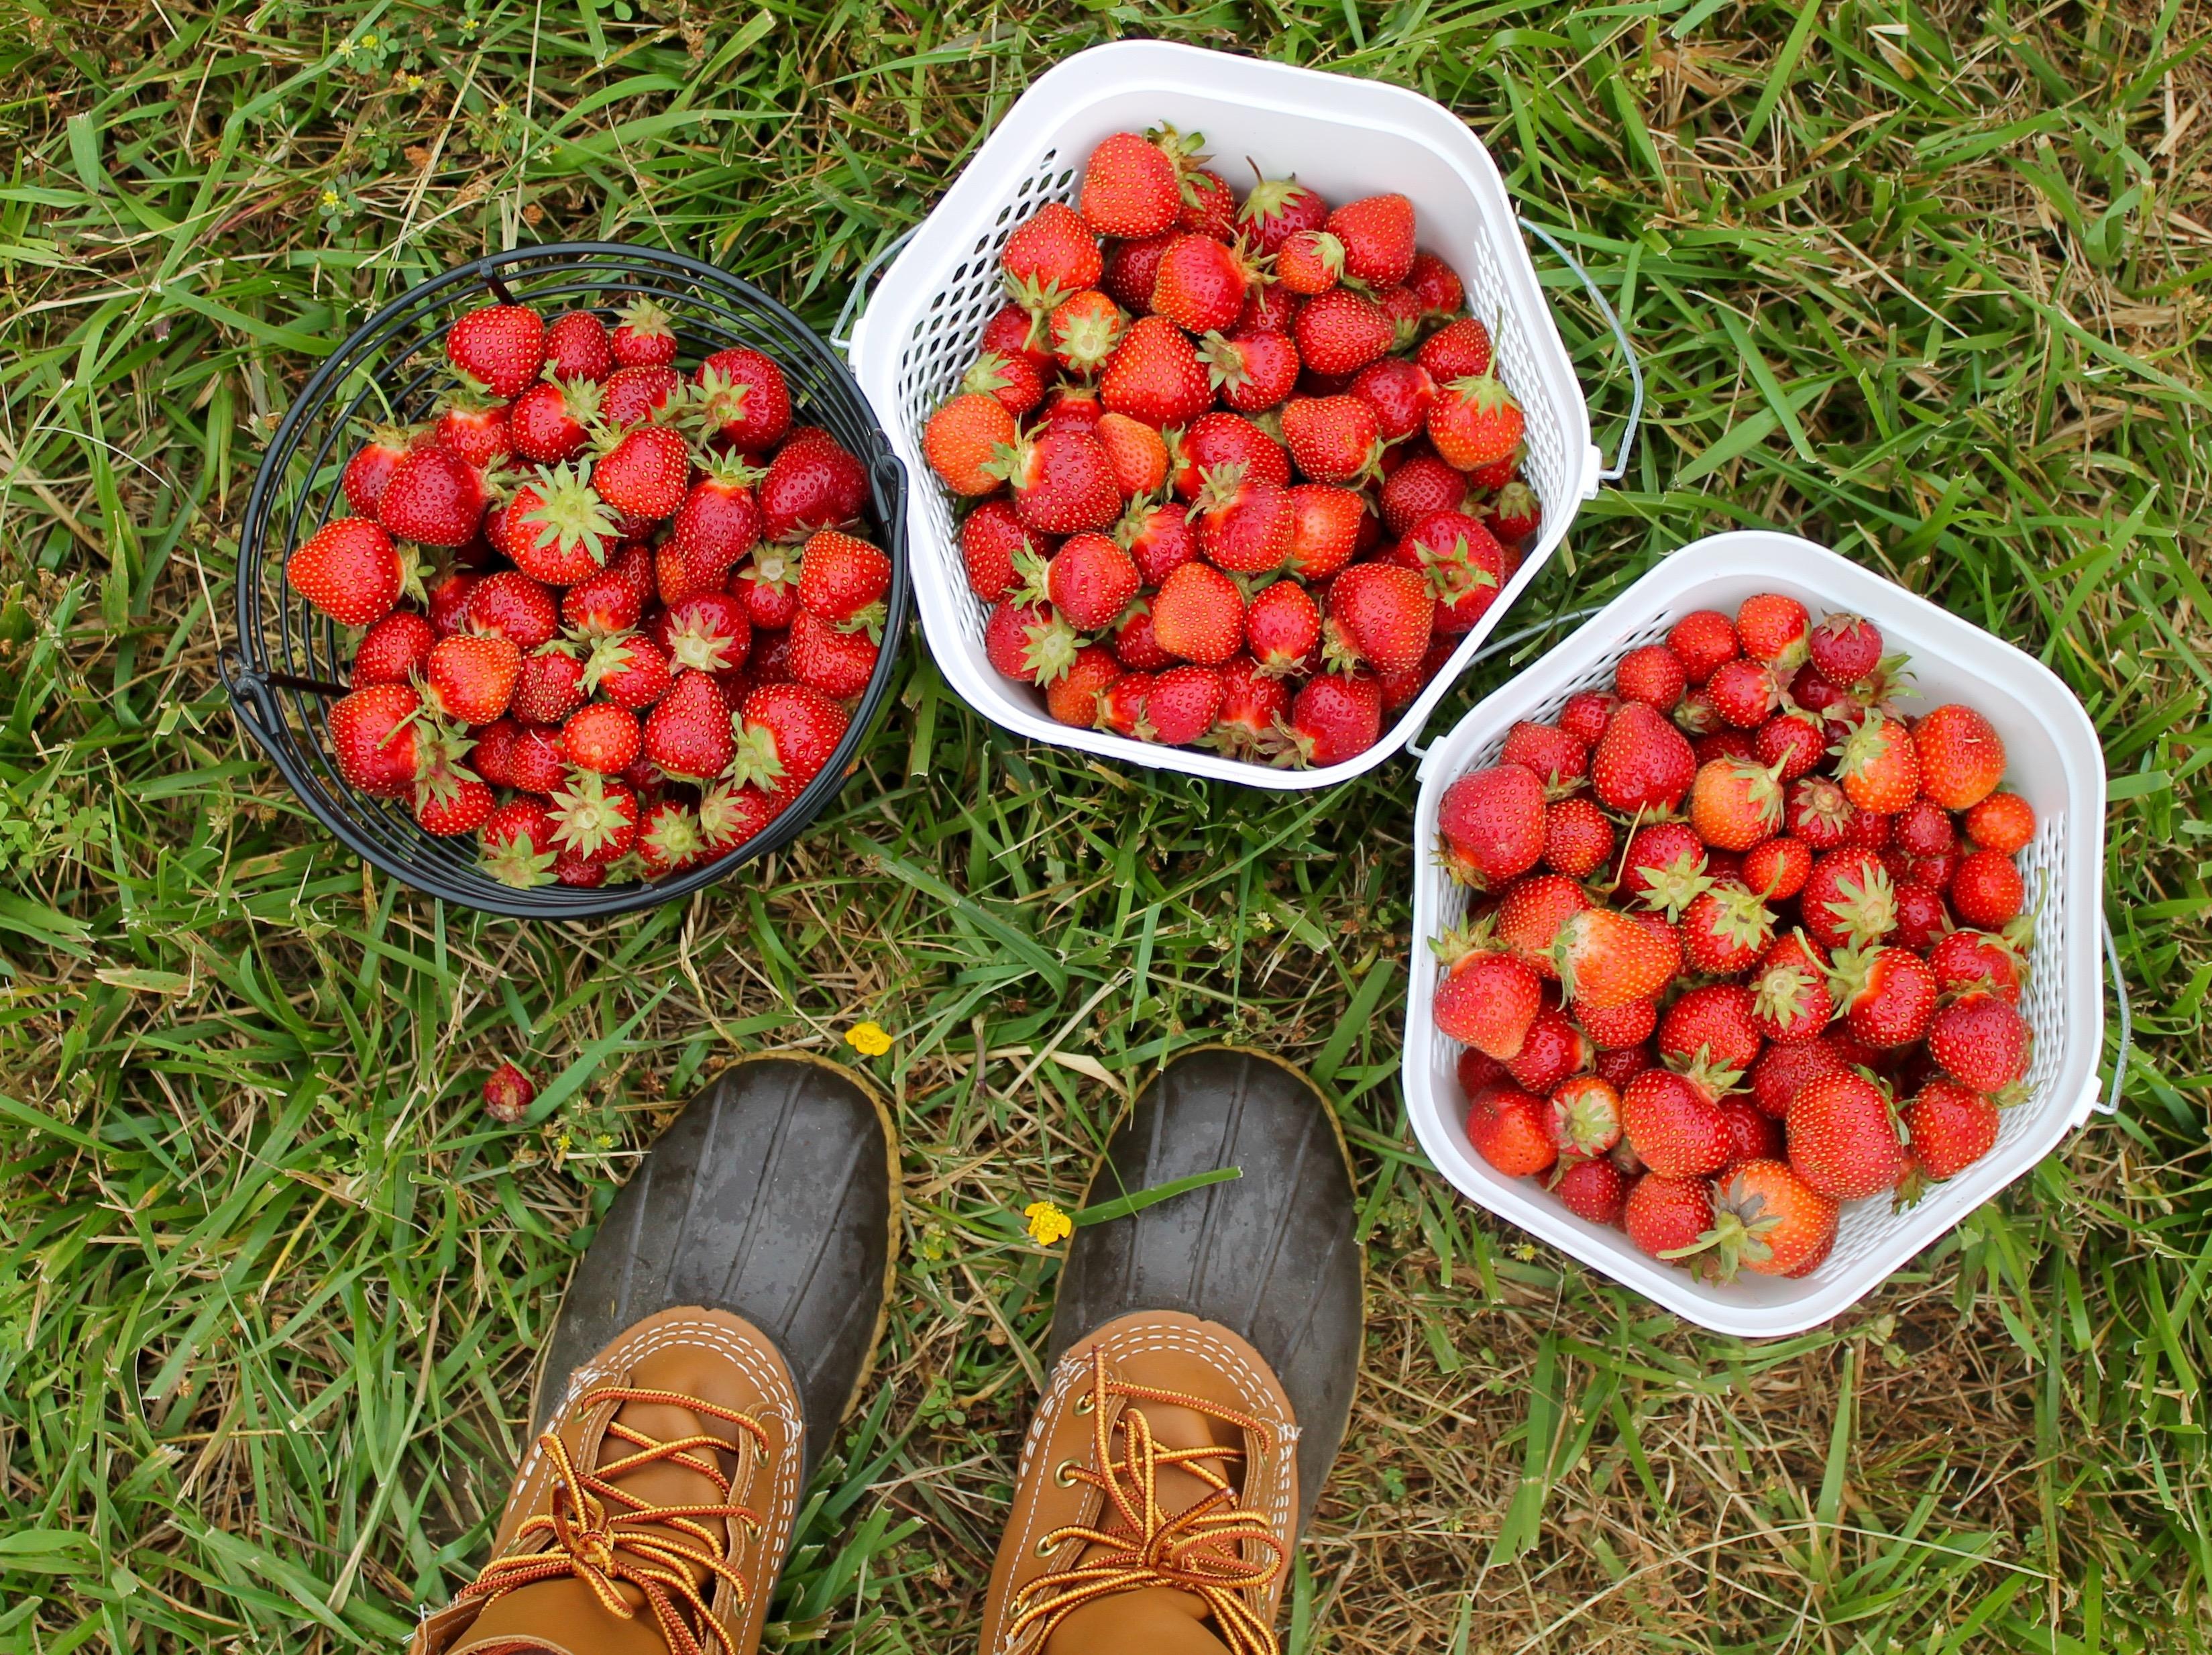 cayla baskets of berries (photo by Cayla Rodney)